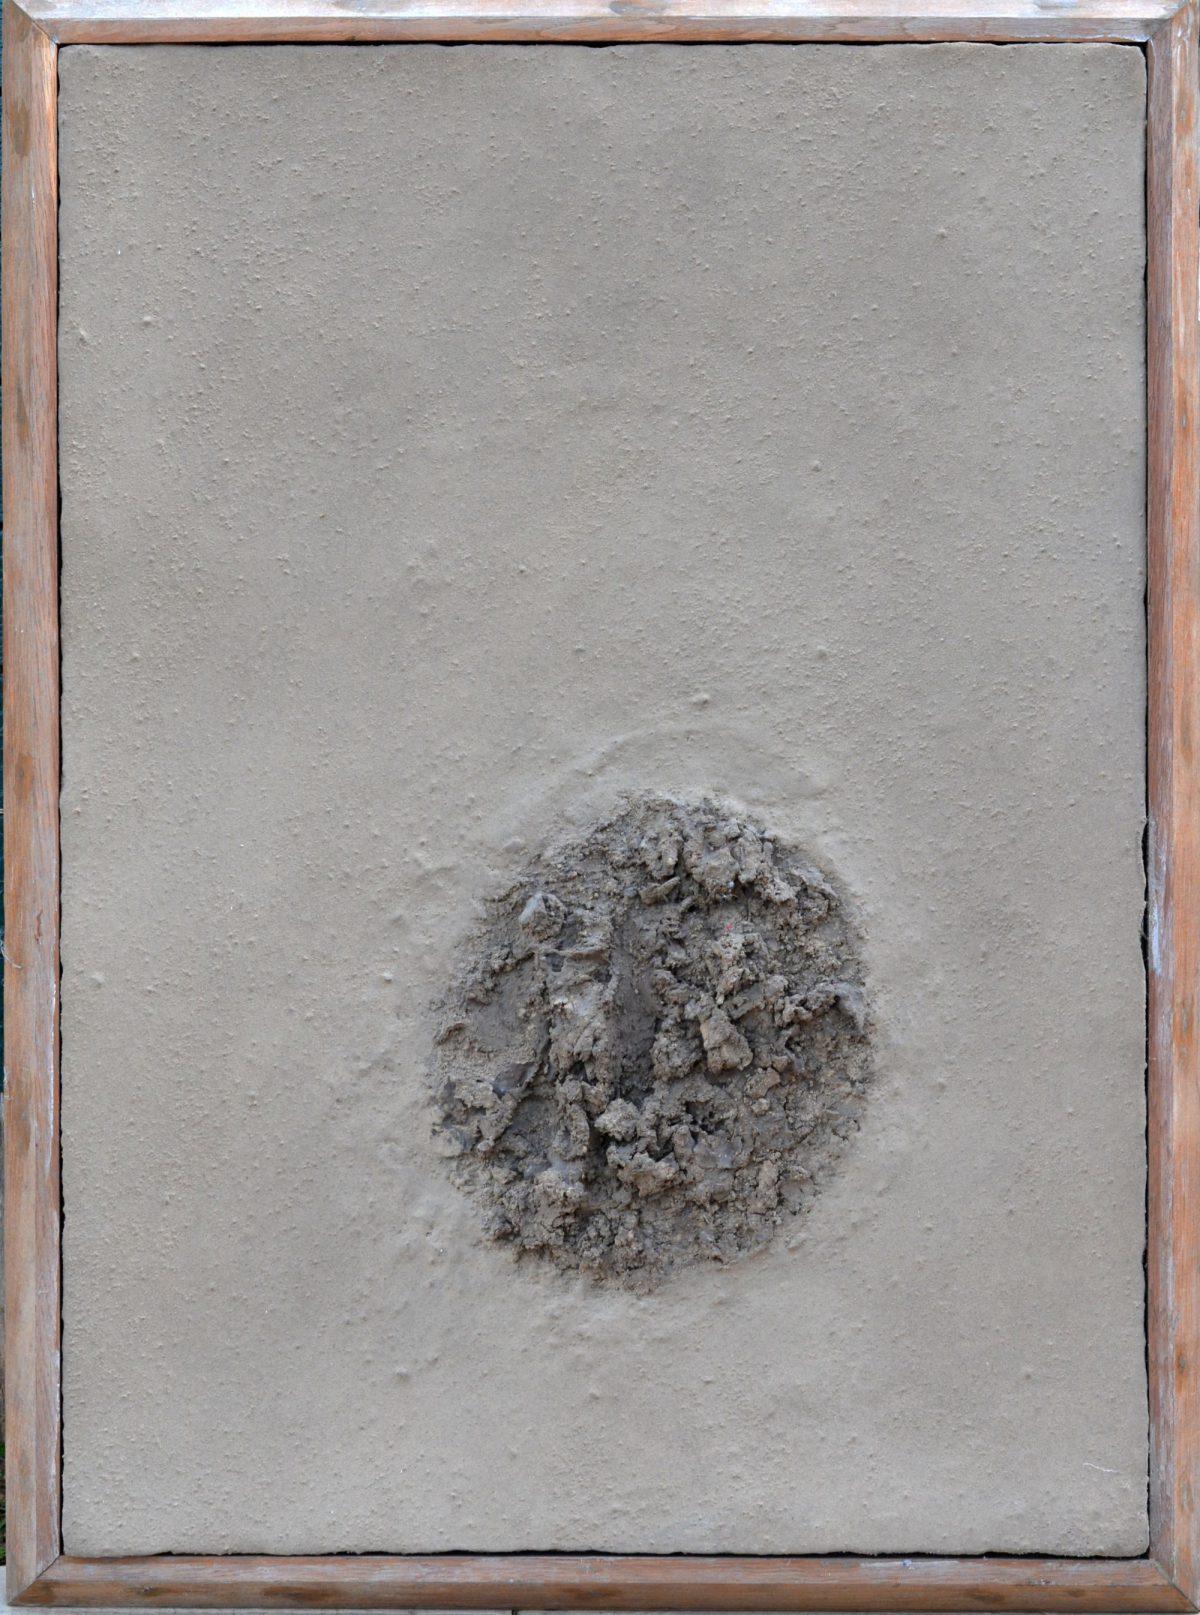 Angel Alonso - Taupinière - 77 x 56 cm - 1967